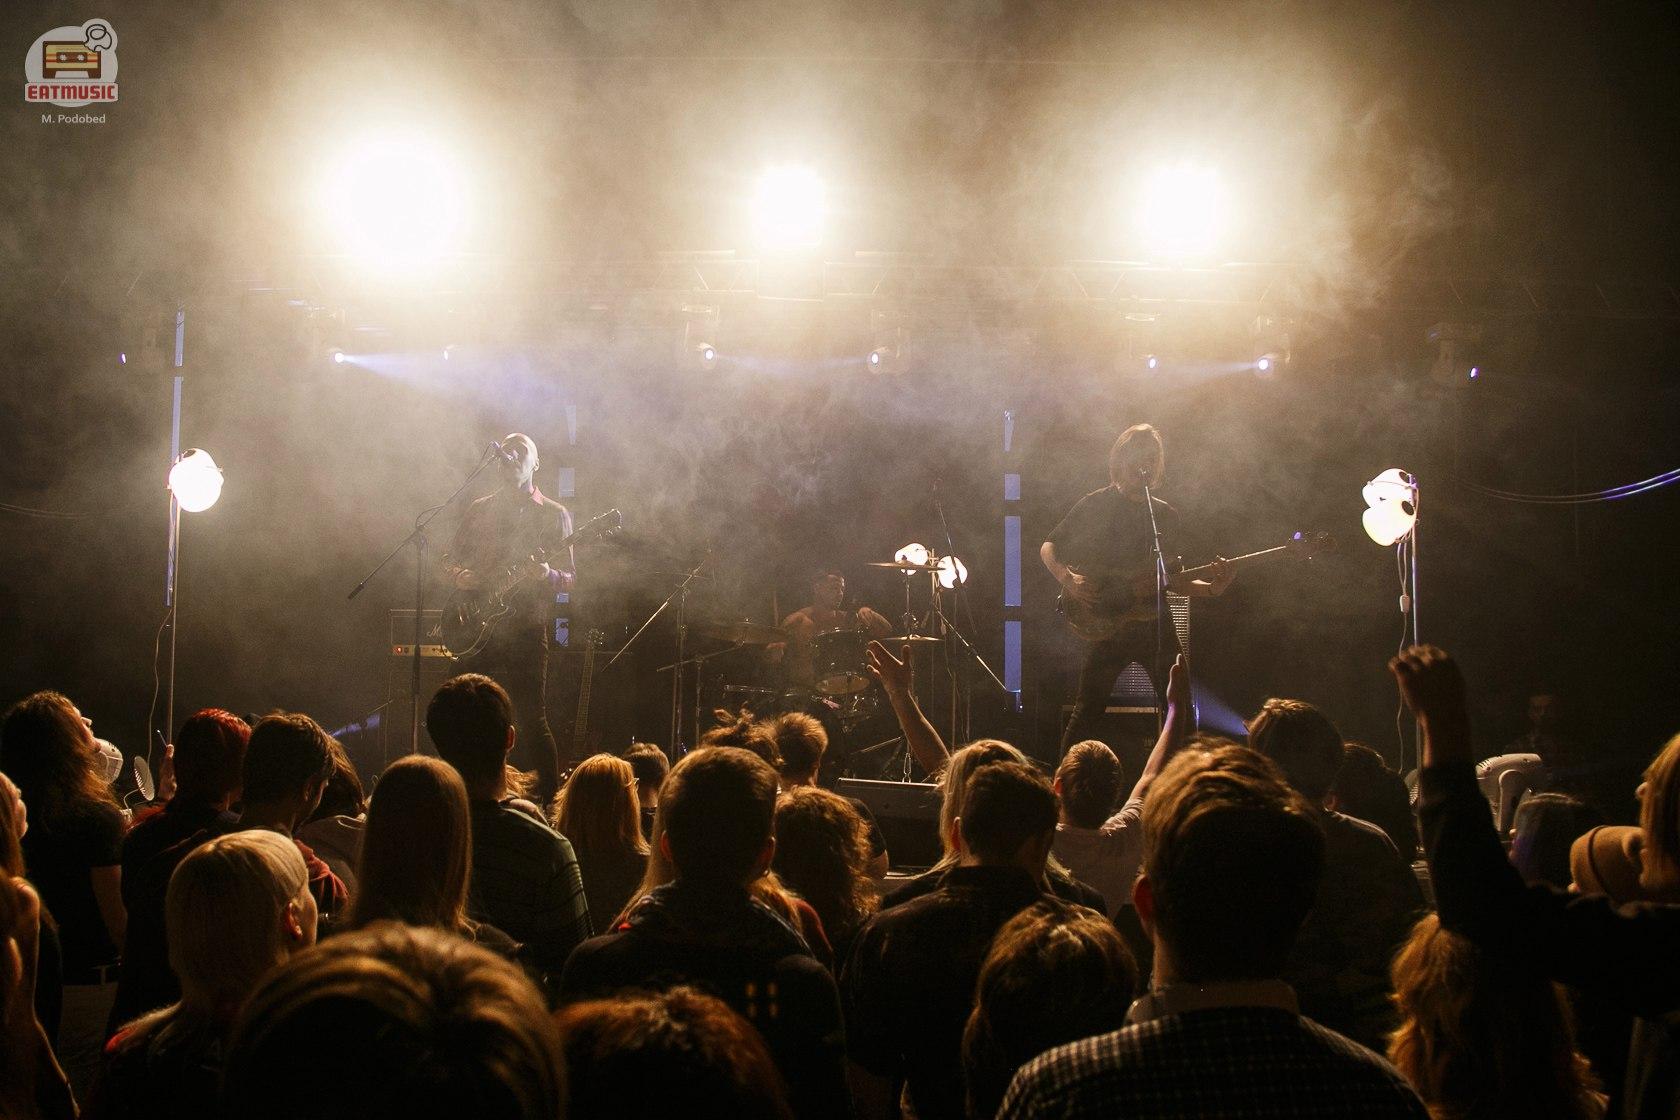 Концерт Adaen в BROOKLYN Hall 29 января 2017: репортаж, фото Михаил Подобед